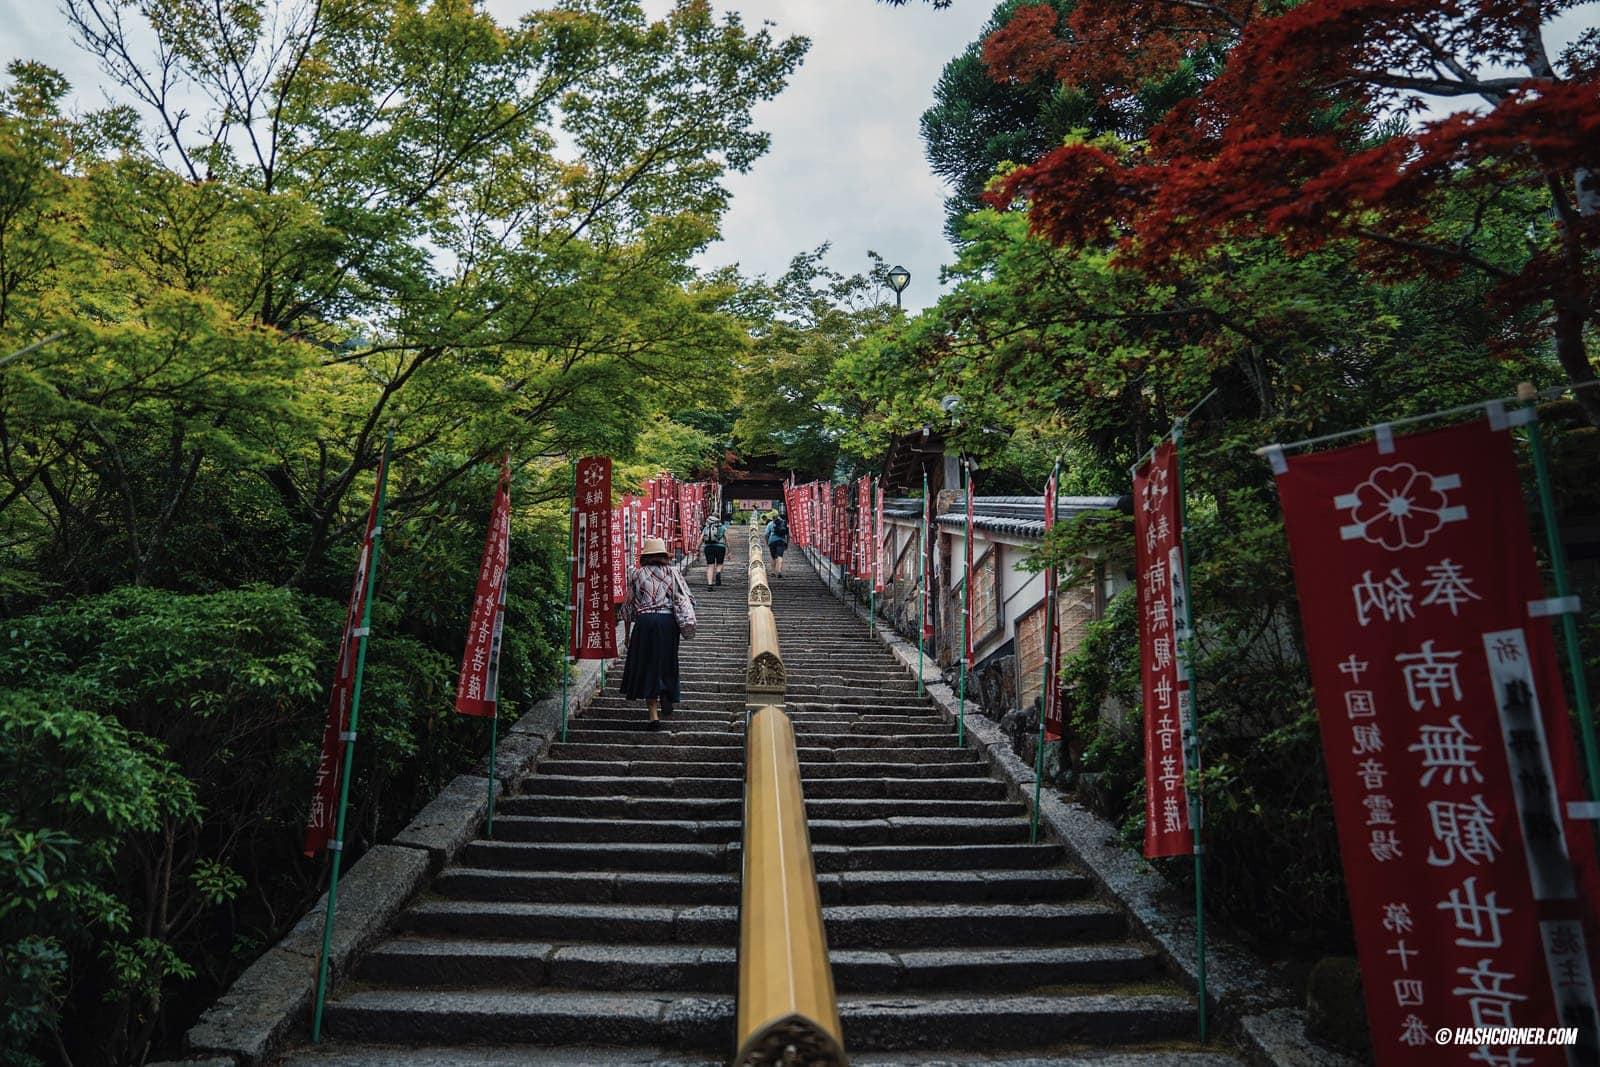 รีวิว เกาะมิยาจิม่า (Miyajima) x ฮิโรชิม่า เที่ยวญี่ปุ่น